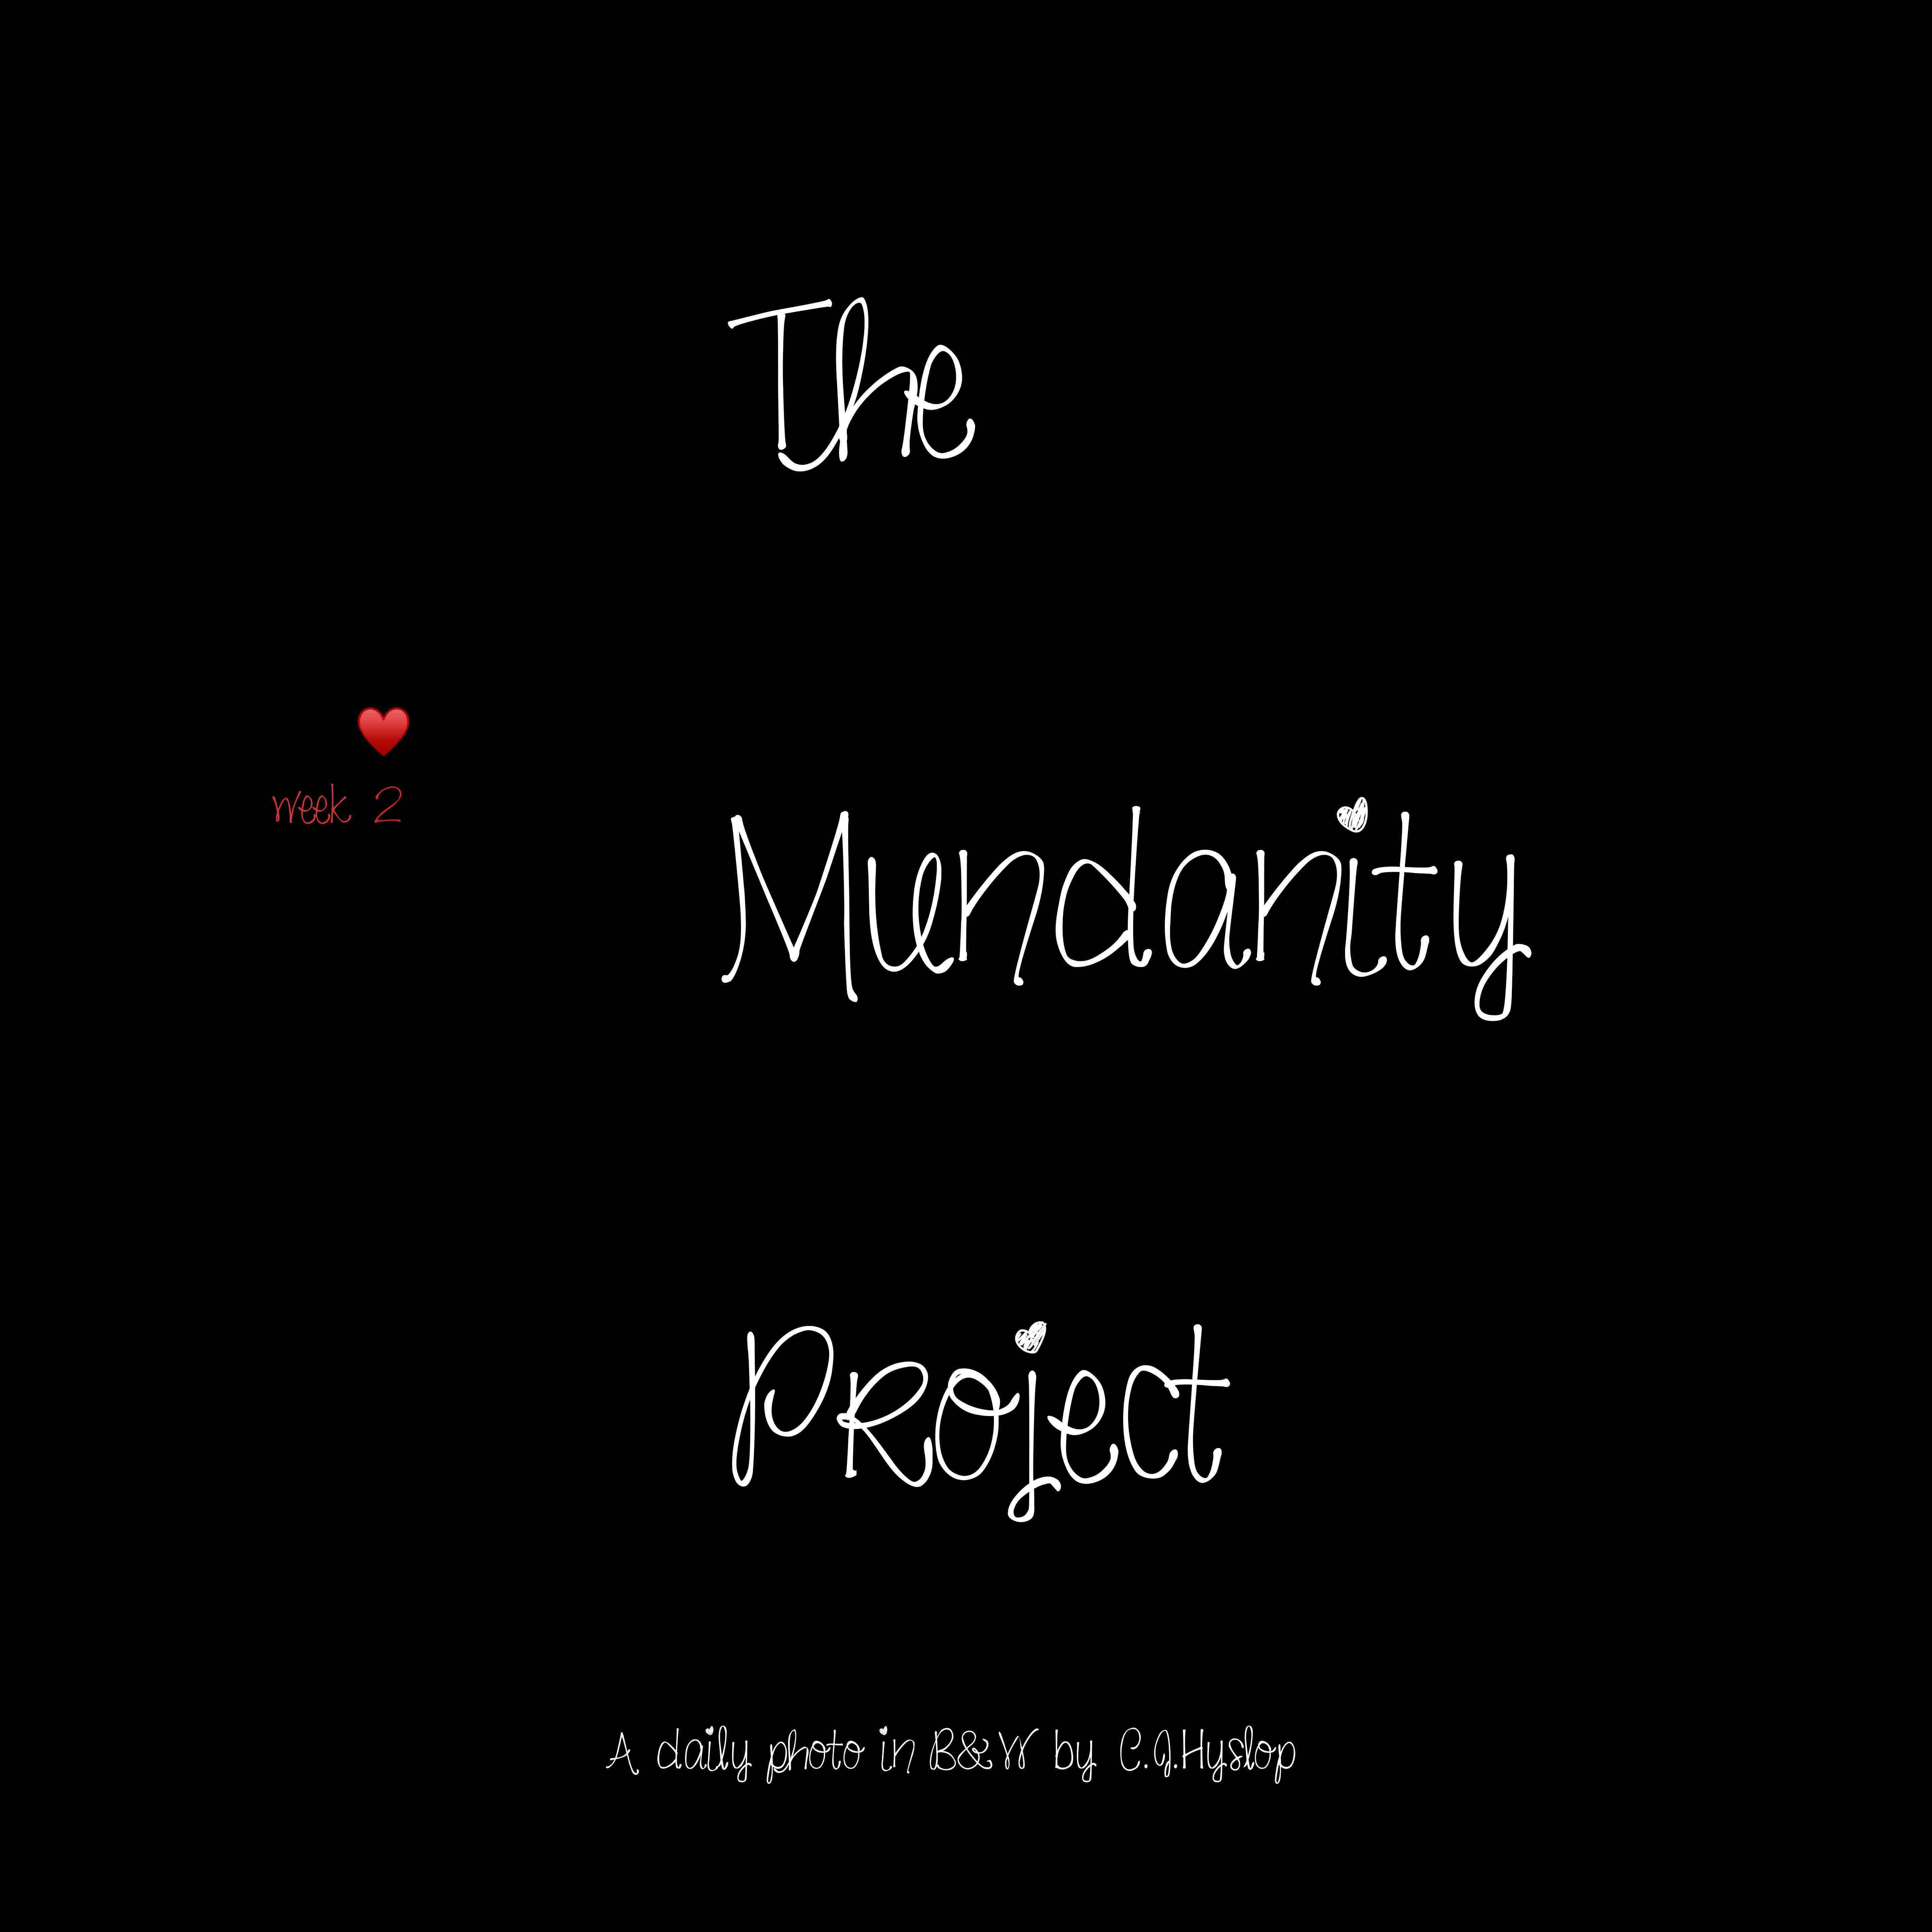 Mundanity Monday